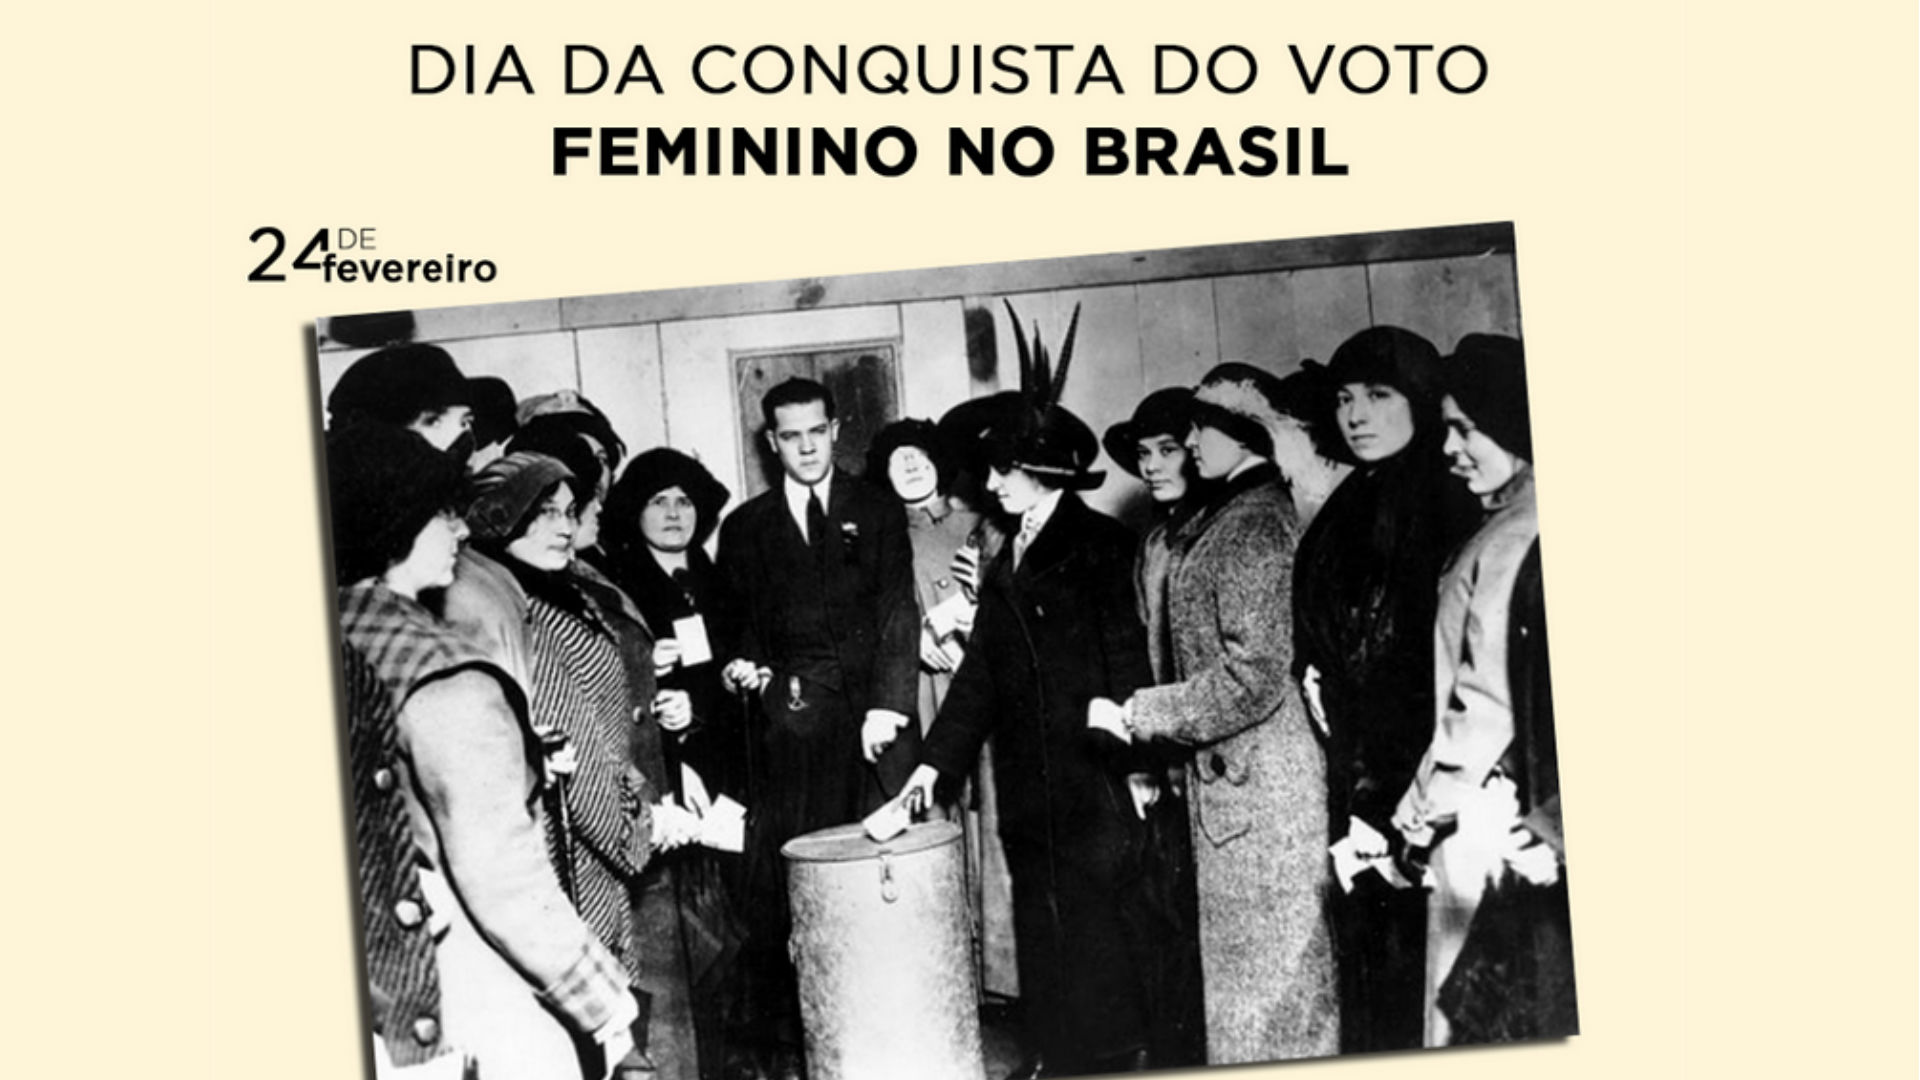 voto_feminino-3.jpg